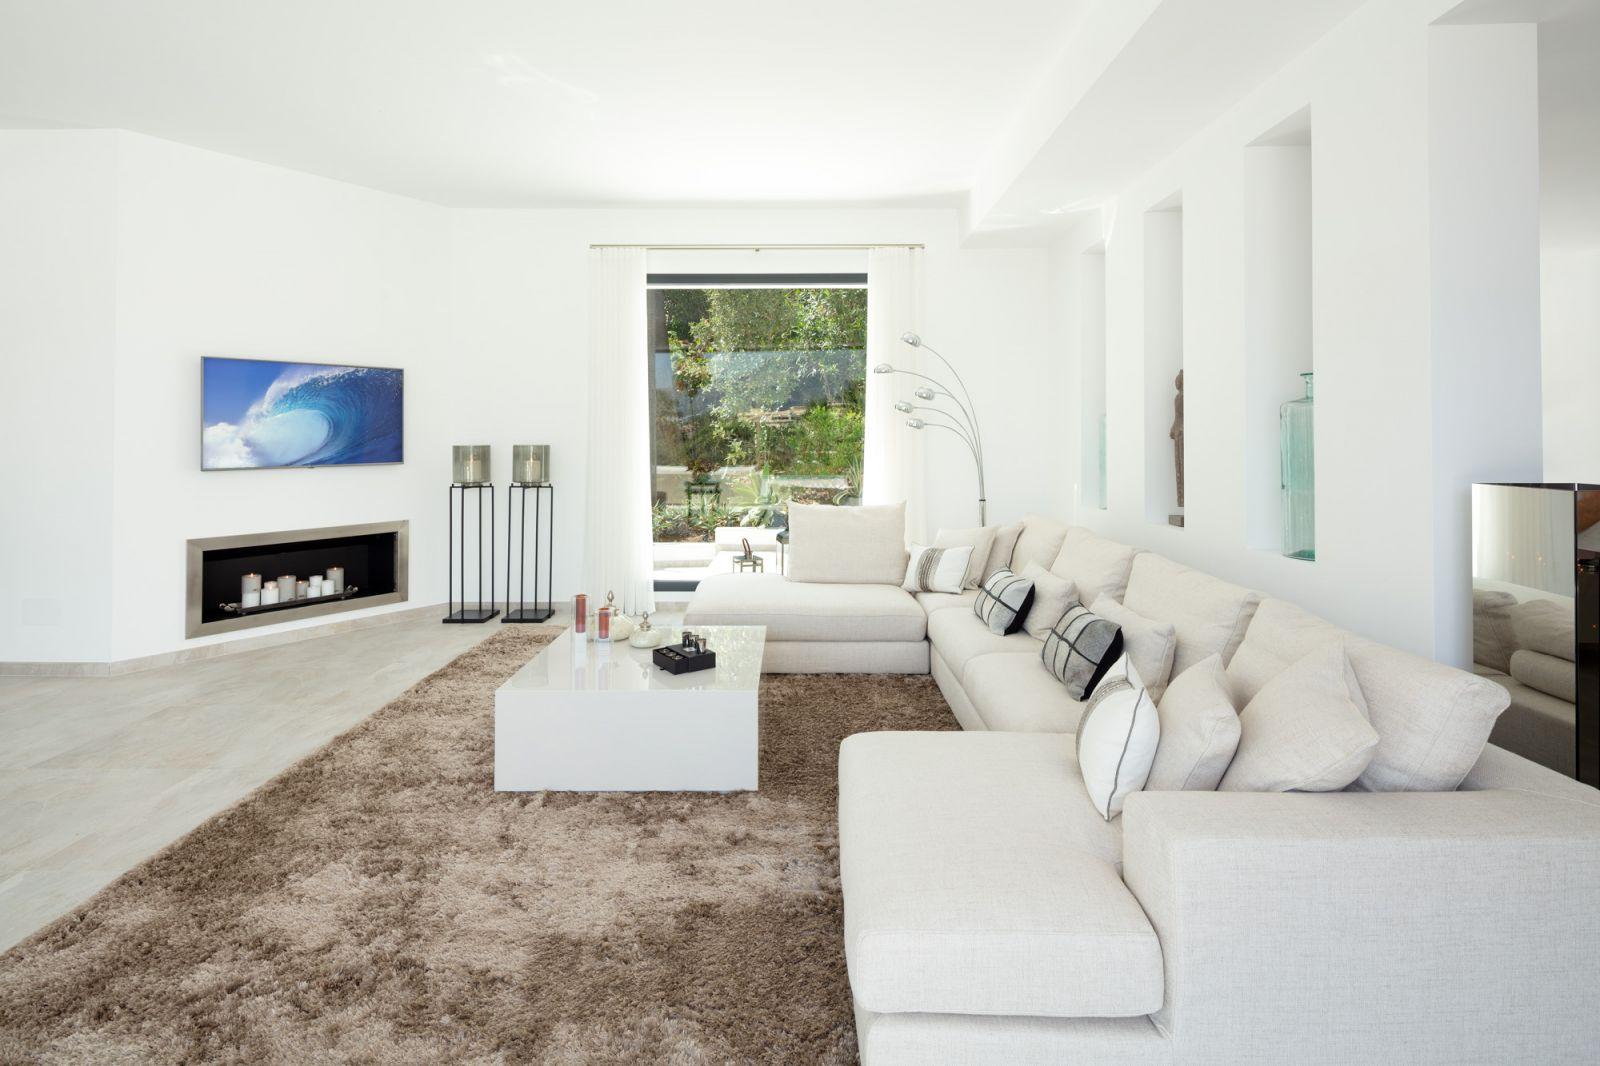 Luxury Villa Brisas 24 for sale in Marbella